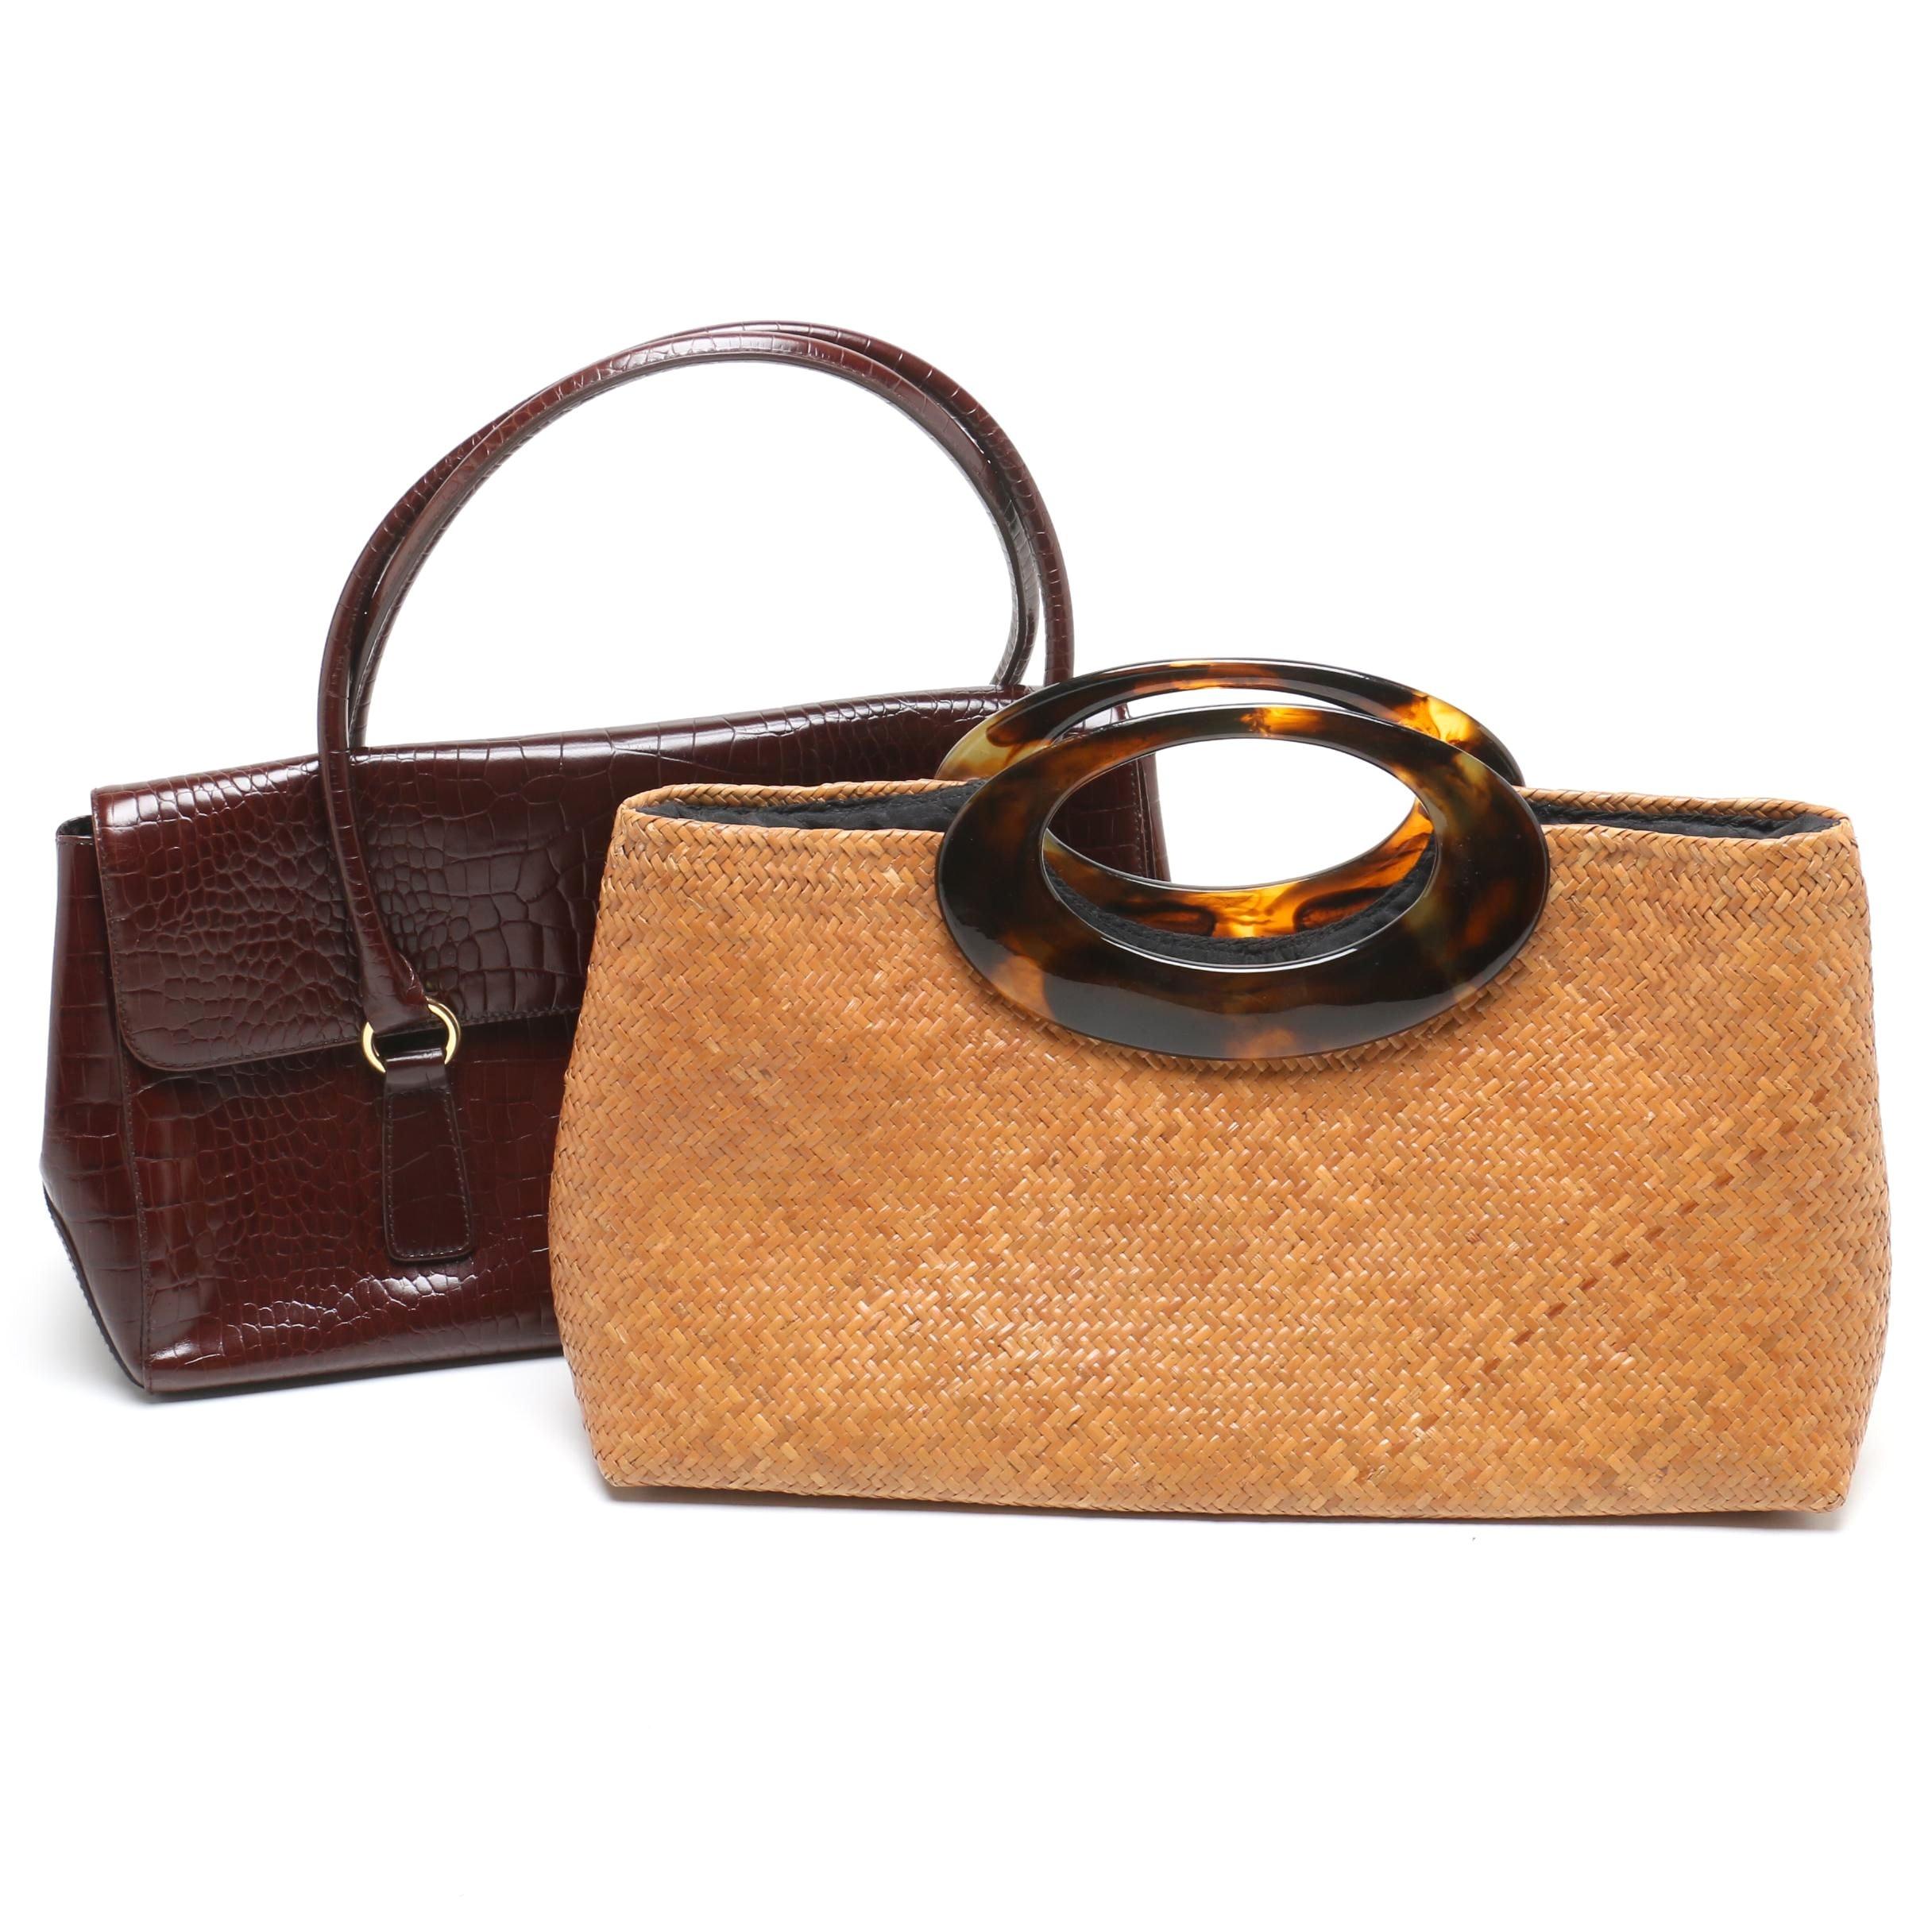 Asiaphile Rattan Tote with Ralph Lauren Croc Embossed Handbag